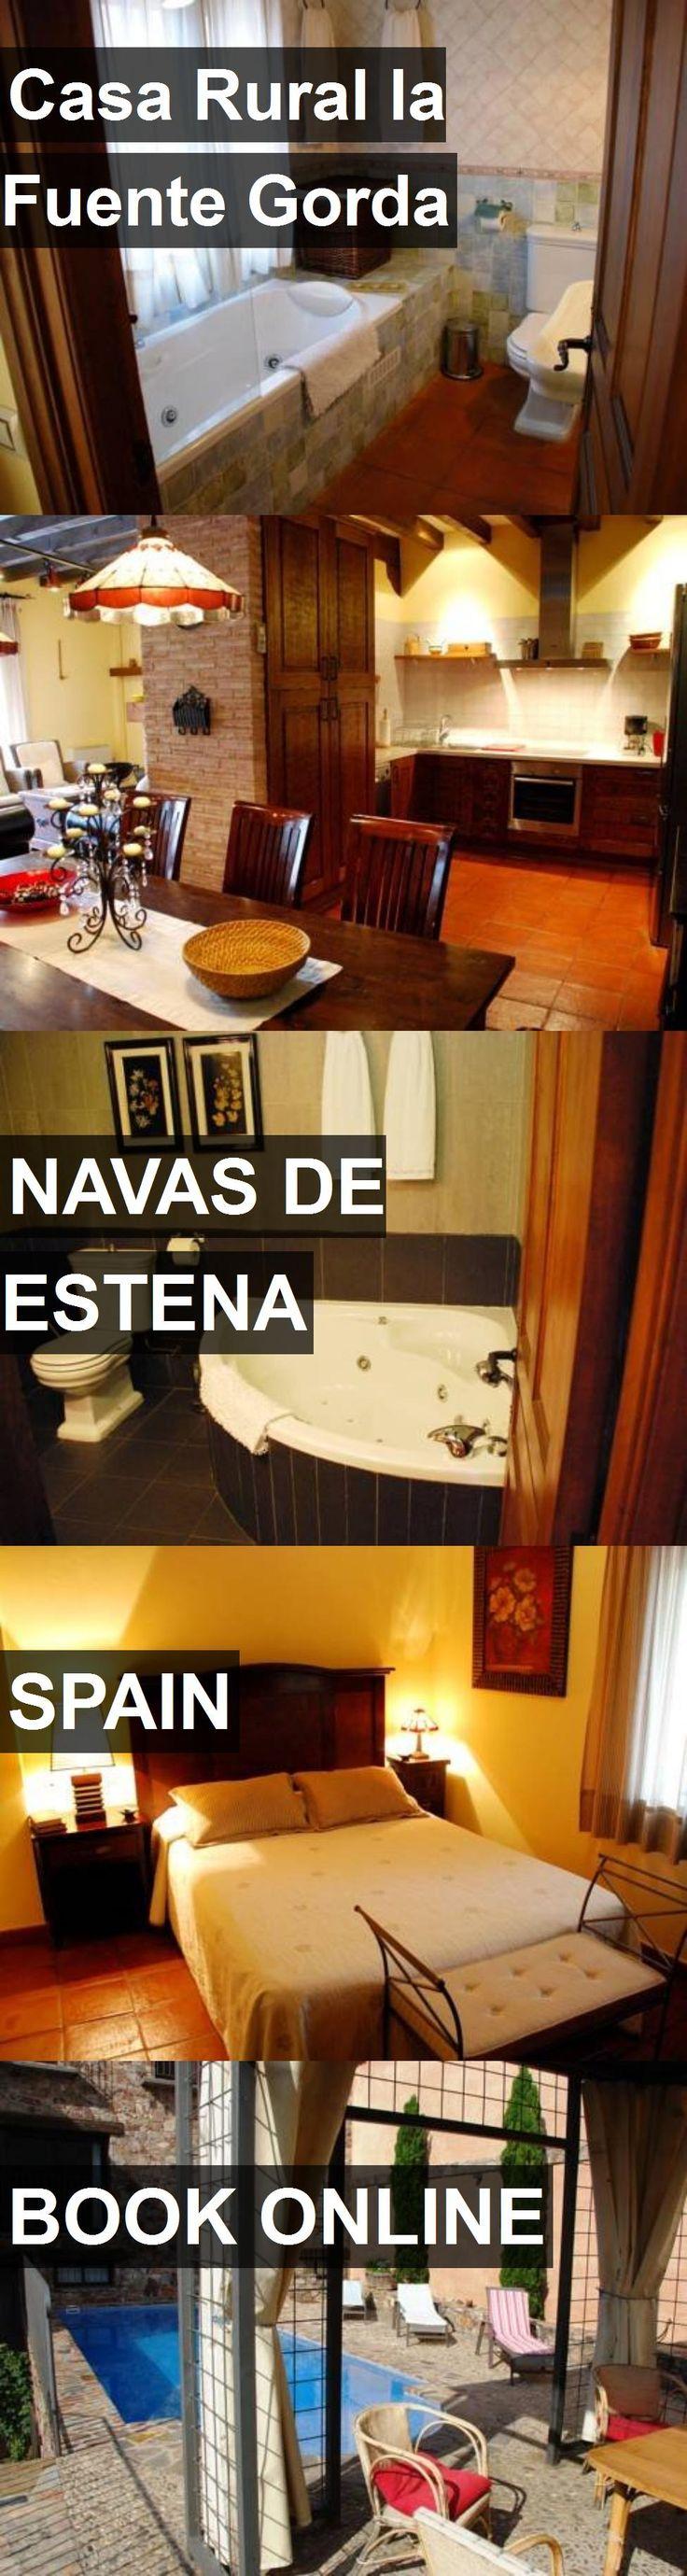 Hotel Casa Rural la Fuente Gorda in Navas de Estena, Spain. For more information, photos, reviews and best prices please follow the link. #Spain #NavasdeEstena #travel #vacation #hotel